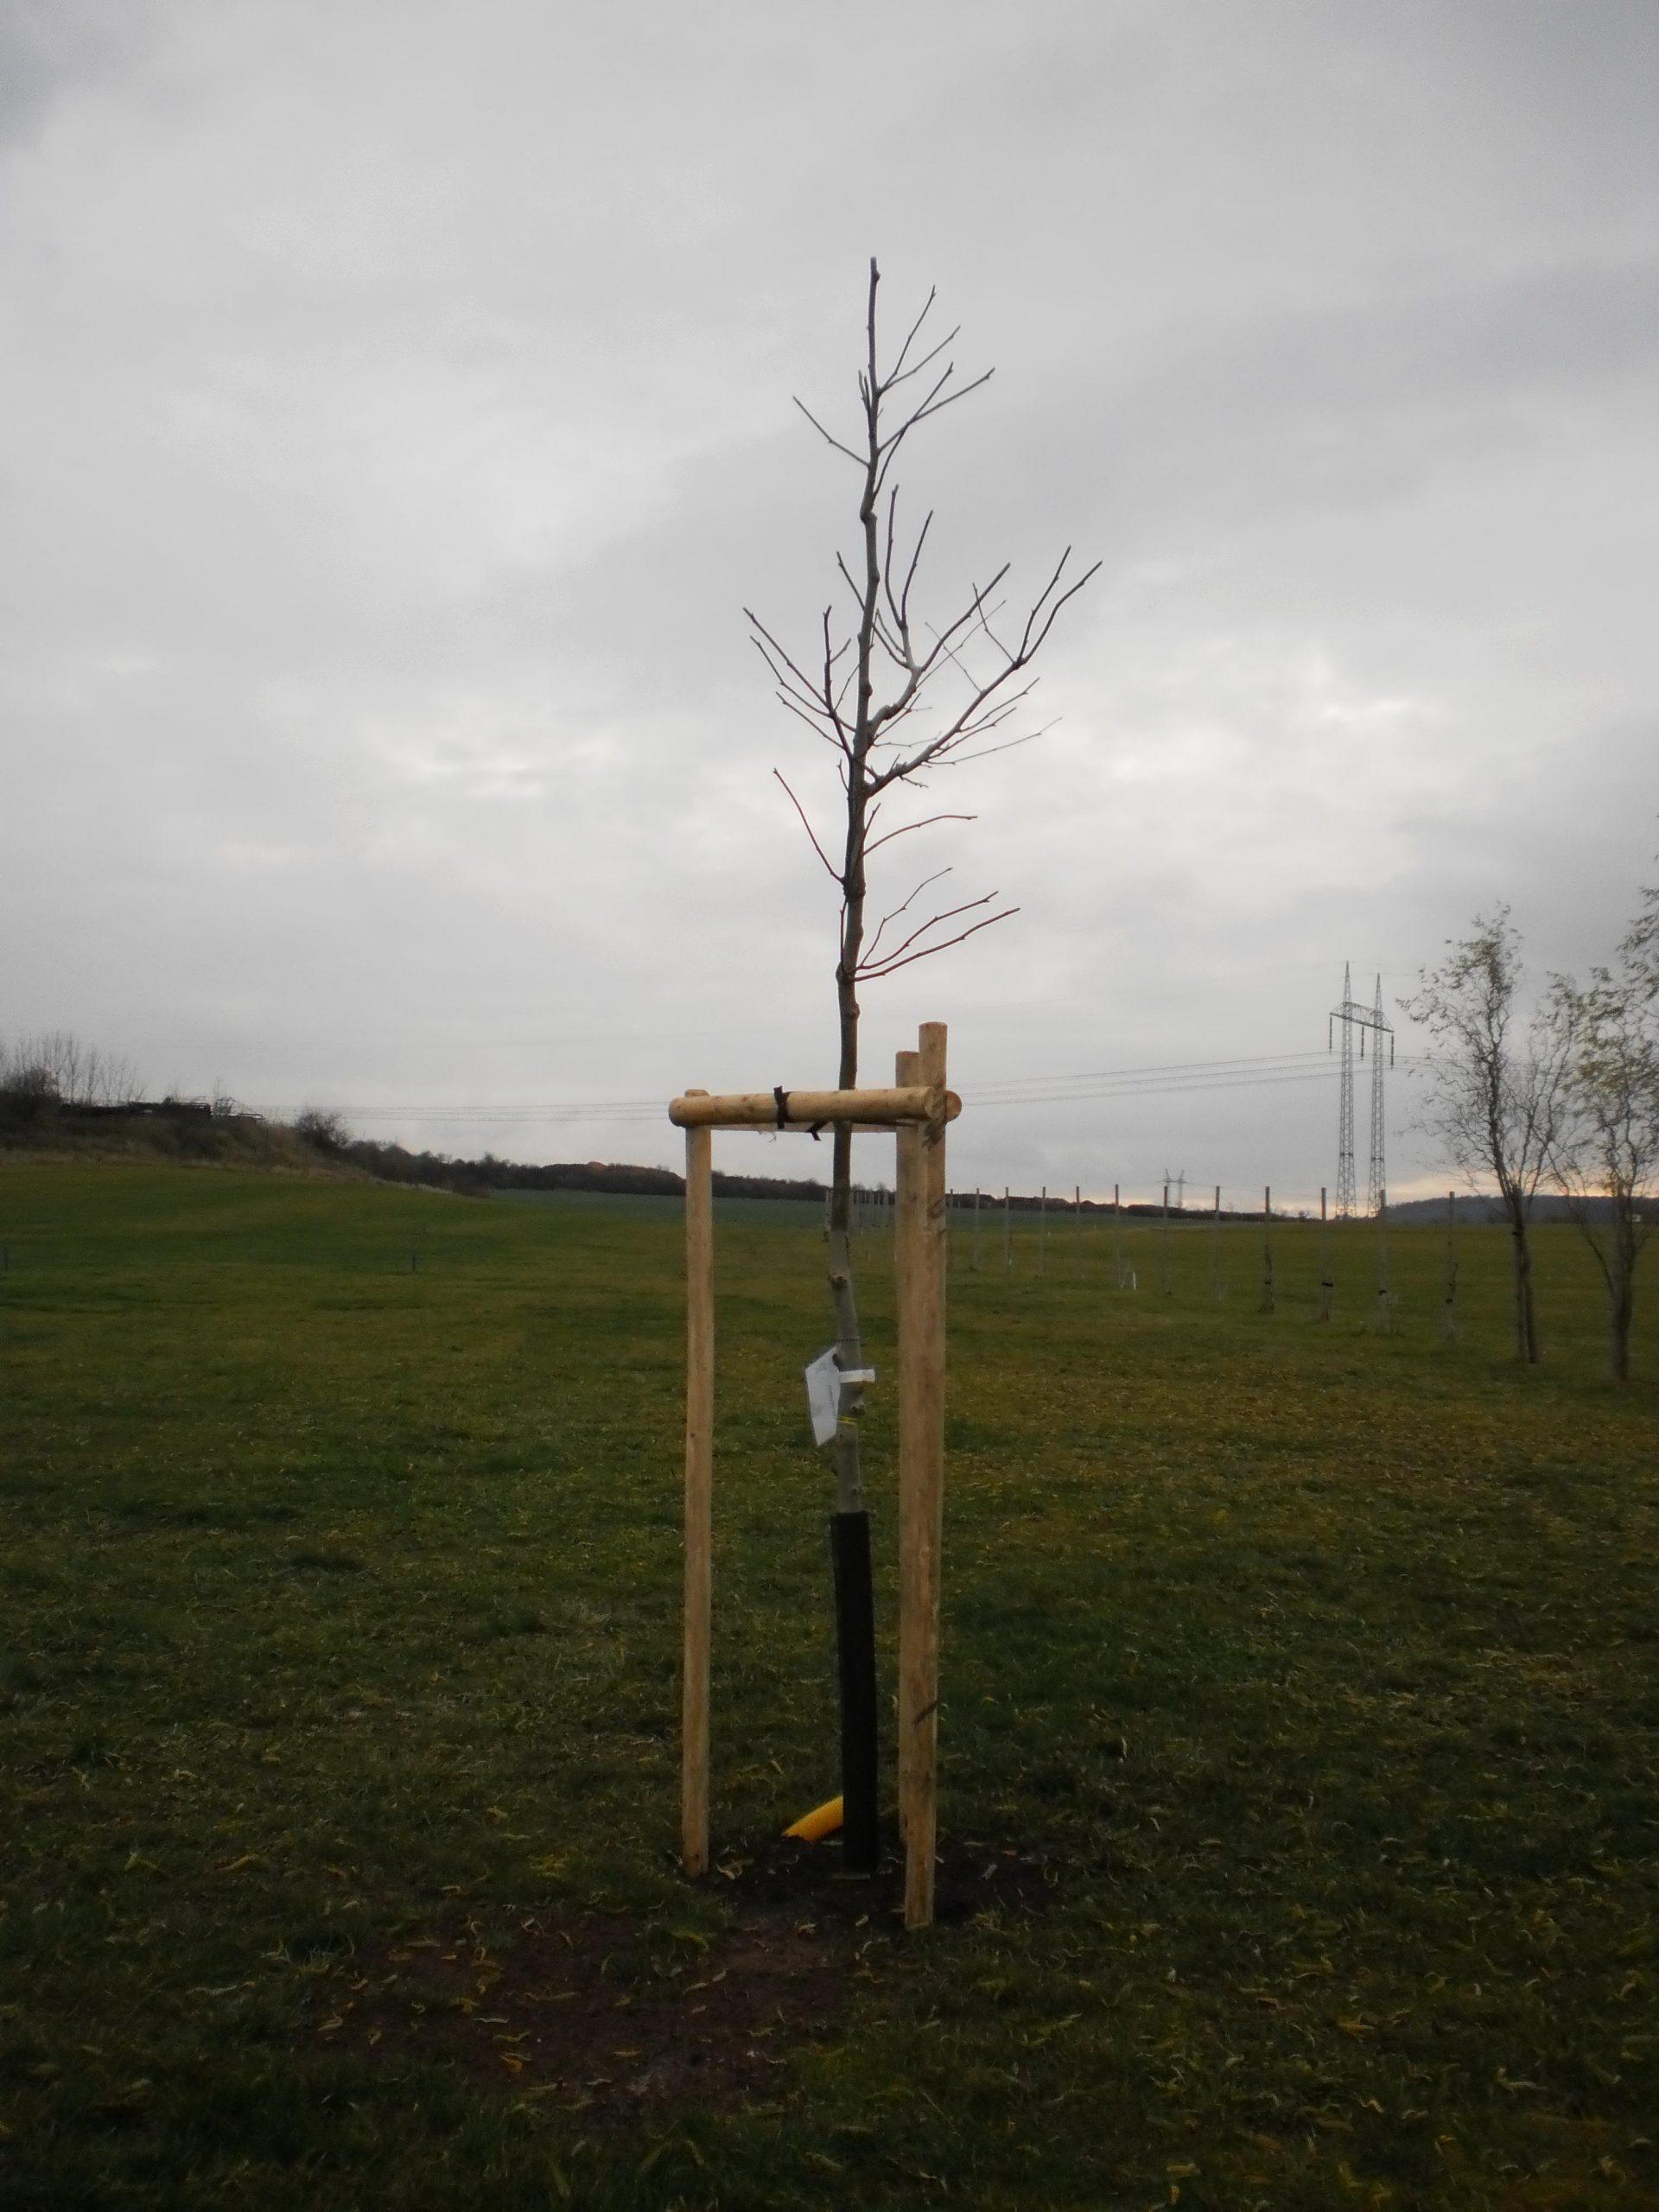 strom yard 2 11 2012